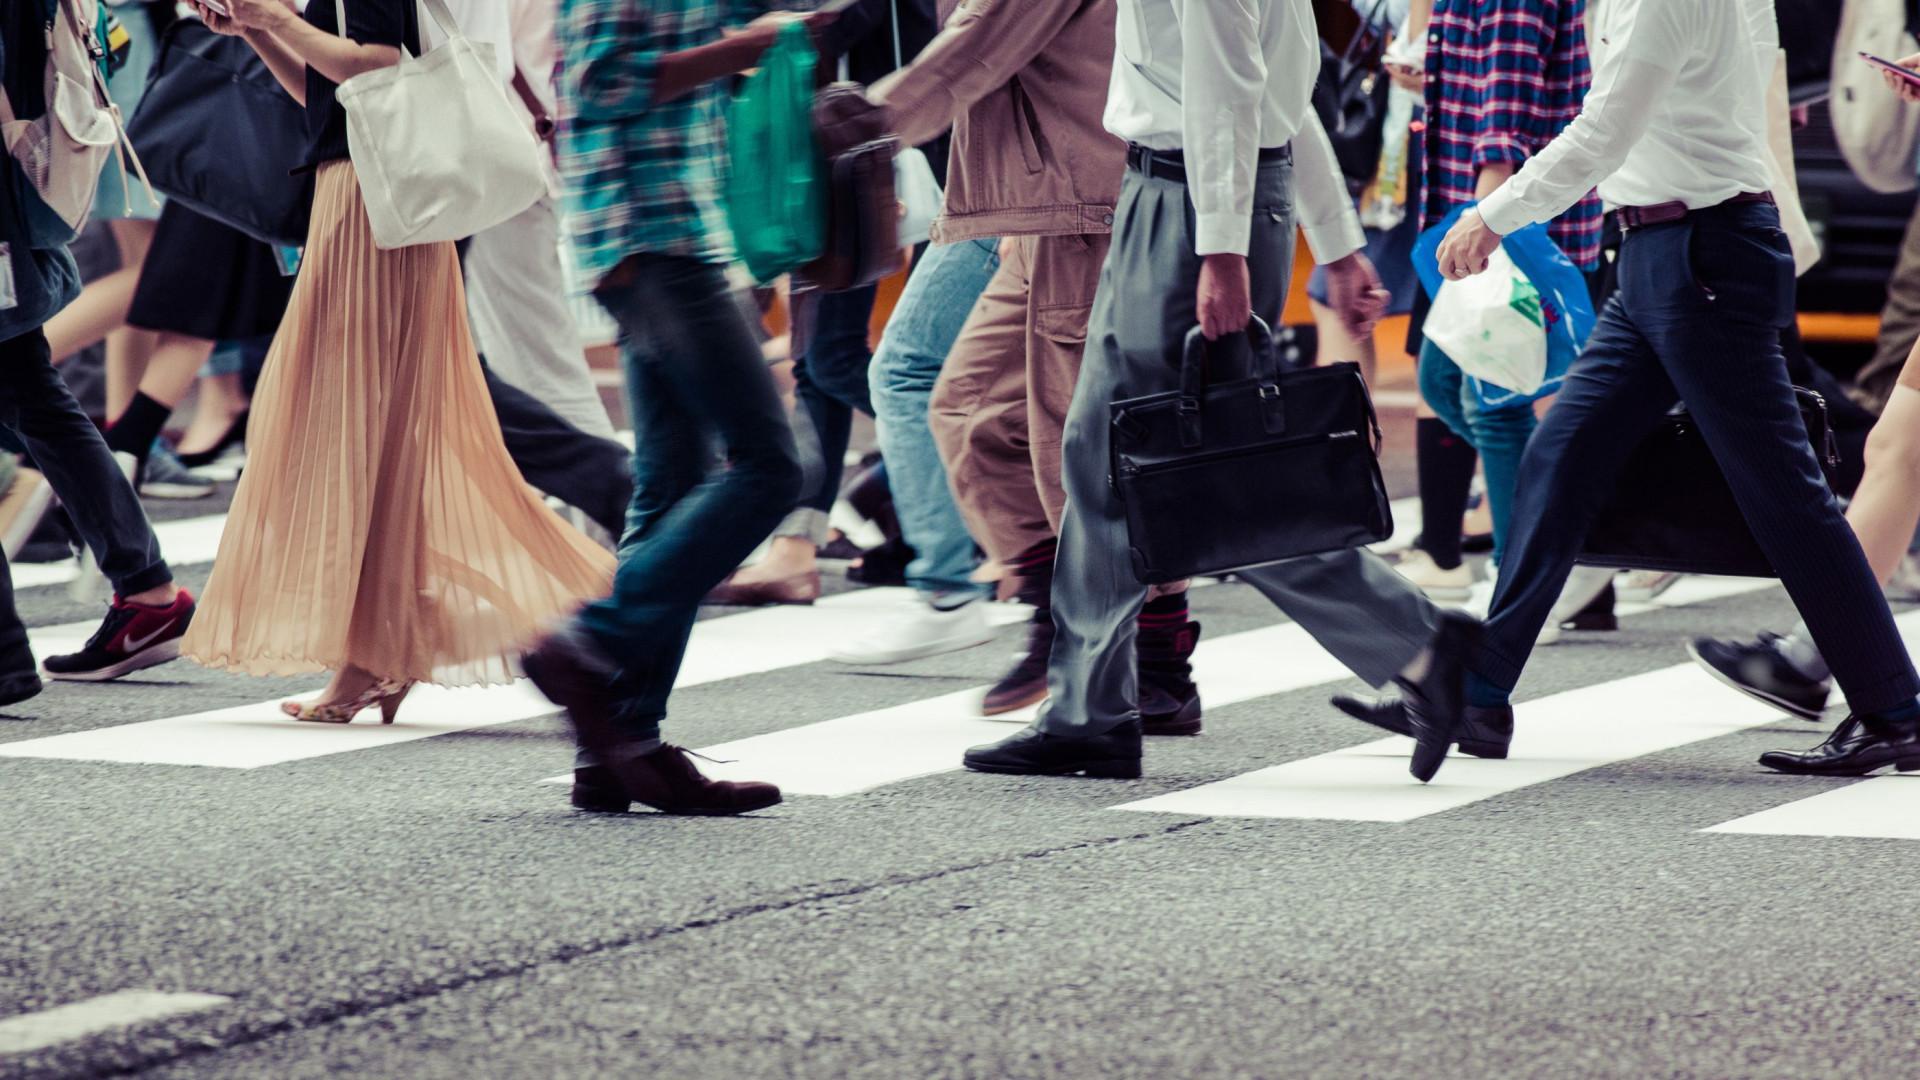 Sabe a 'dança' com que se evita chocar contra alguém? A ciência explica